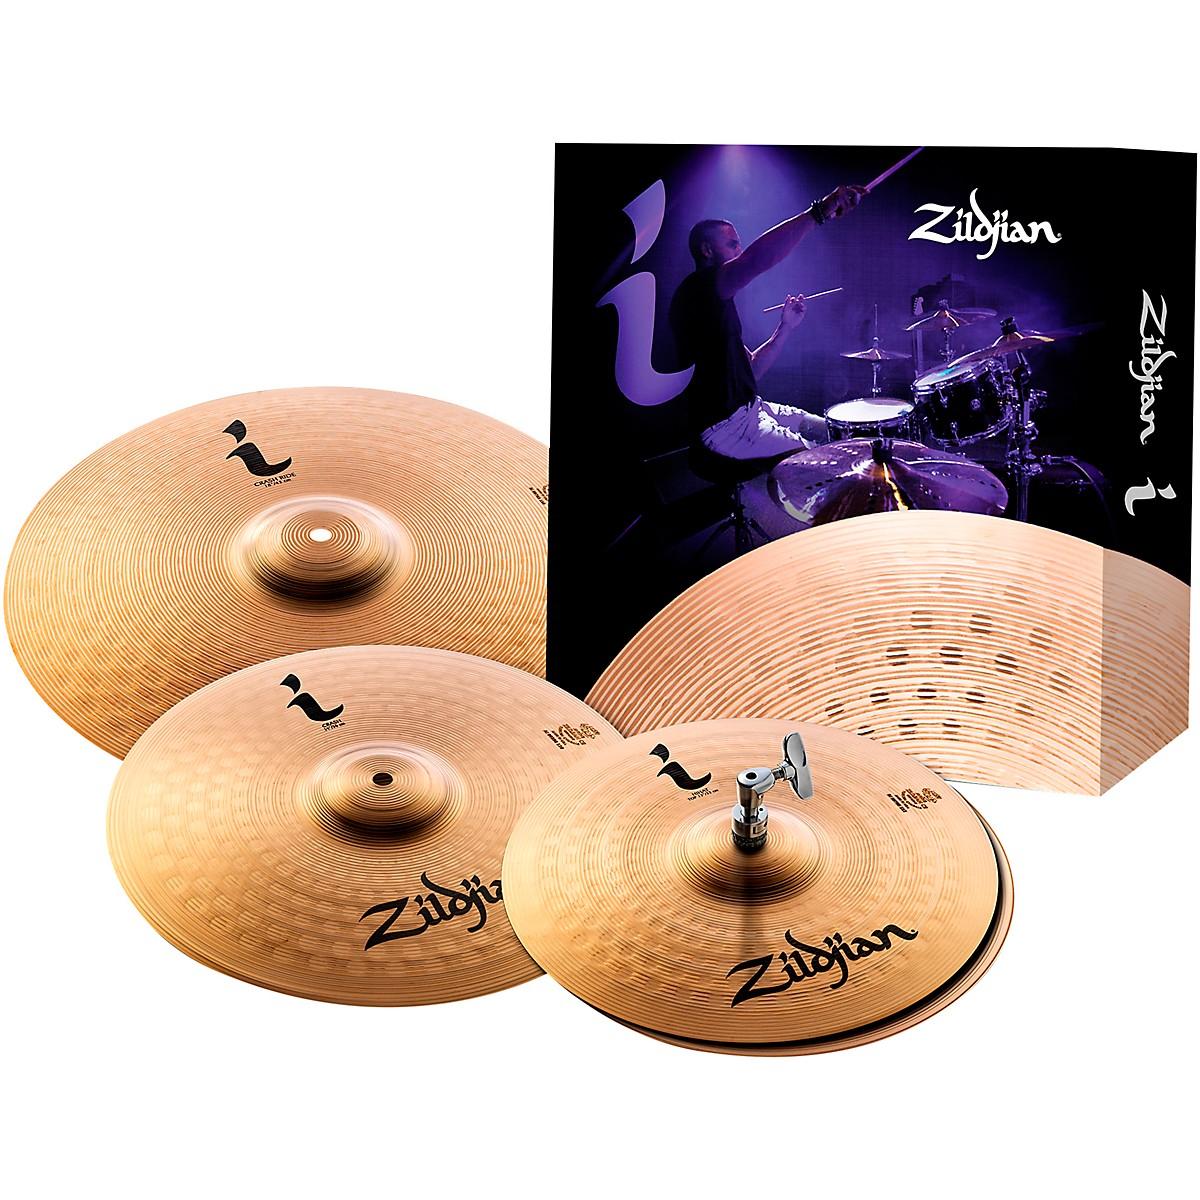 Zildjian I Series Essentials Plus Cymbal Pack